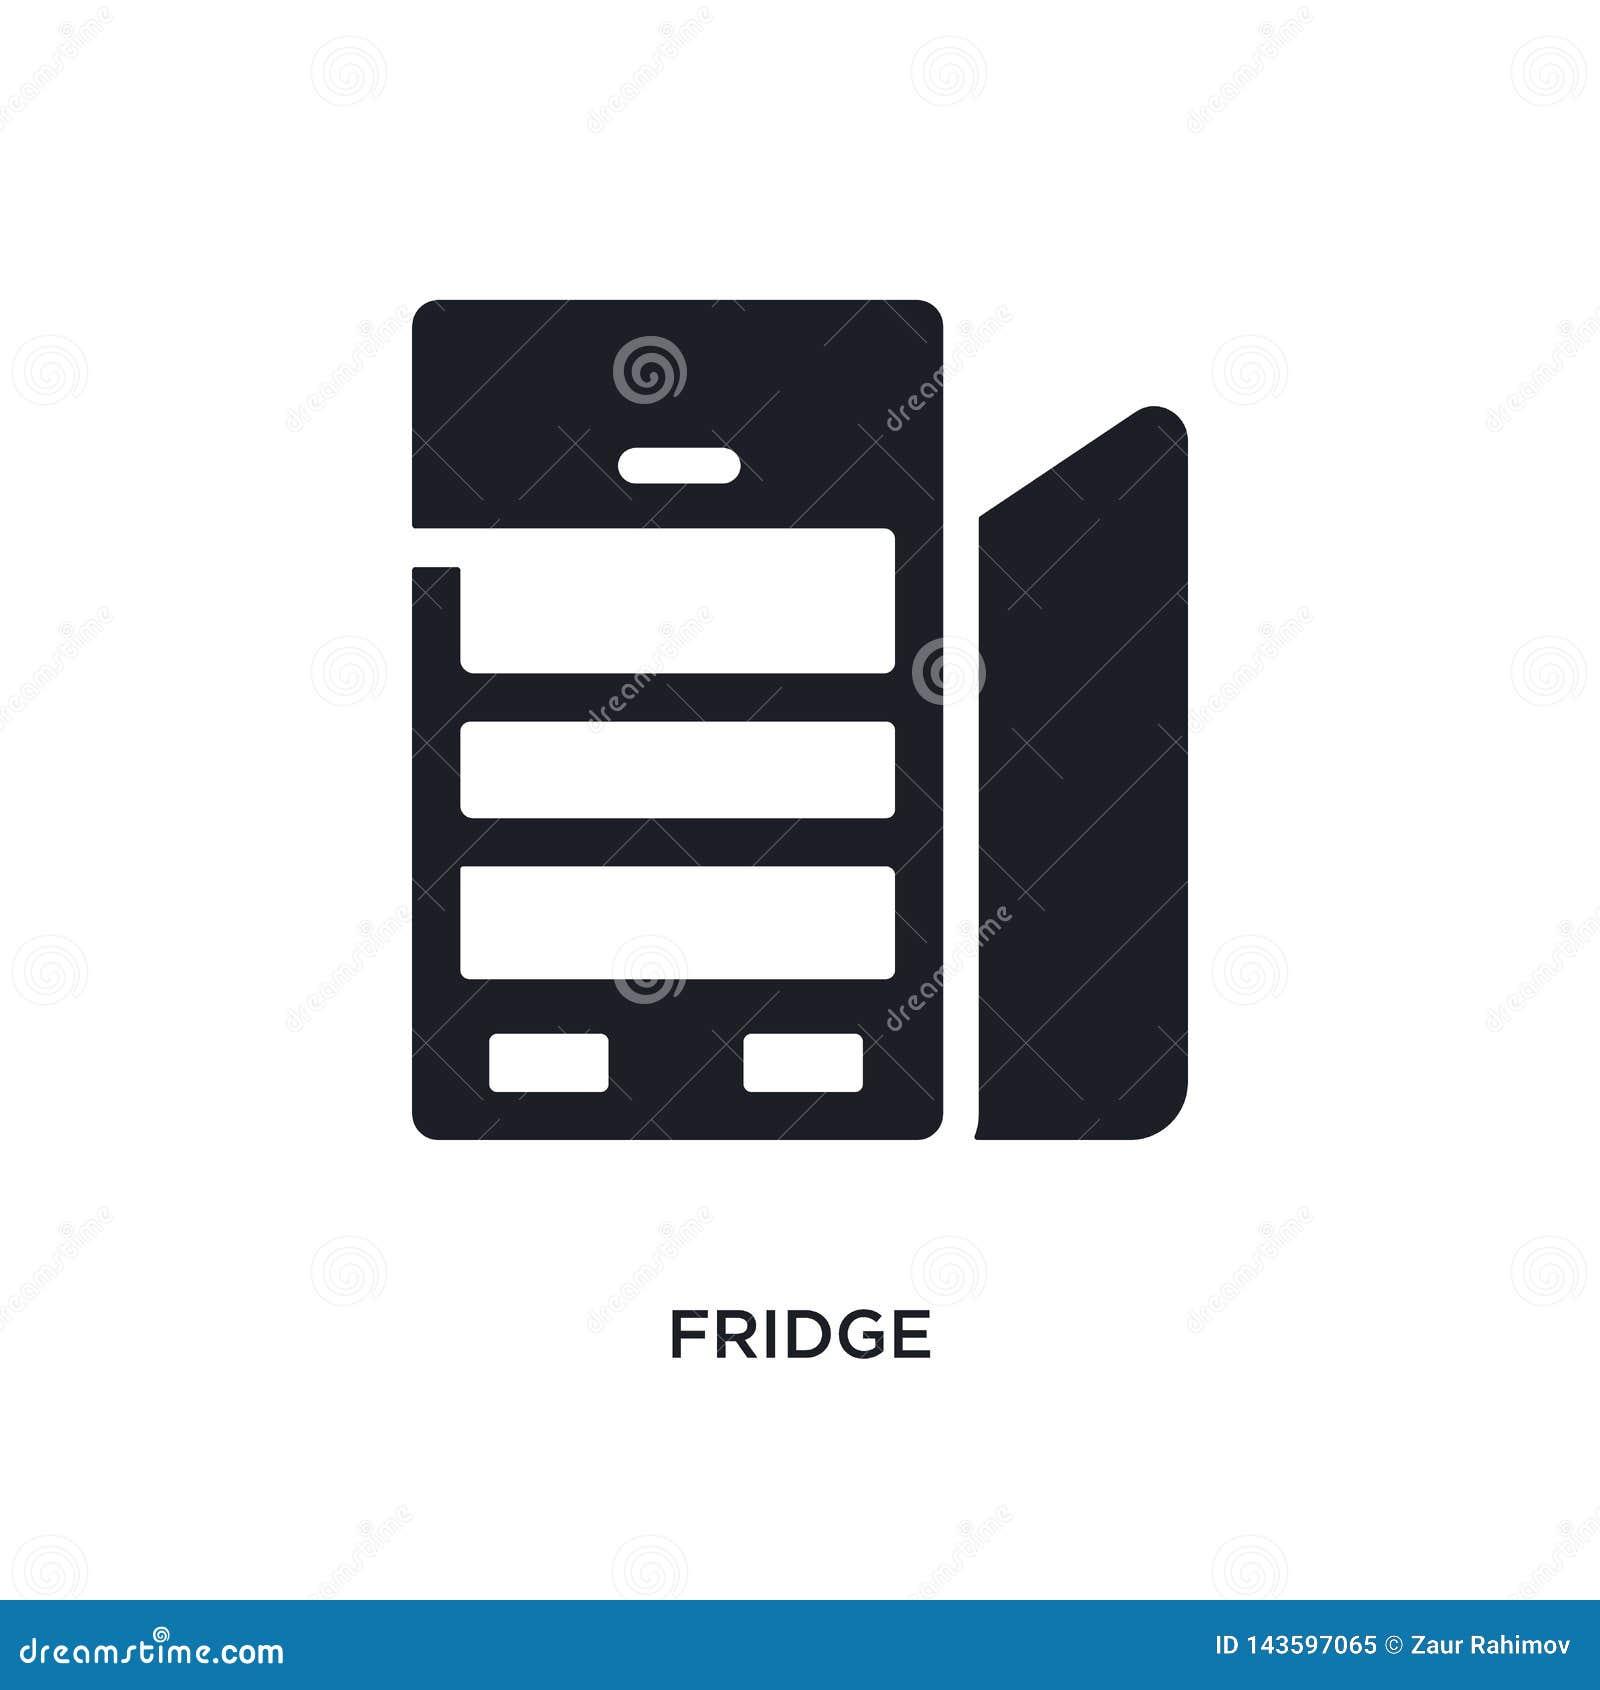 Icono aislado refrigerador negro del vector ejemplo simple del elemento de iconos del vector del concepto de los muebles logotipo